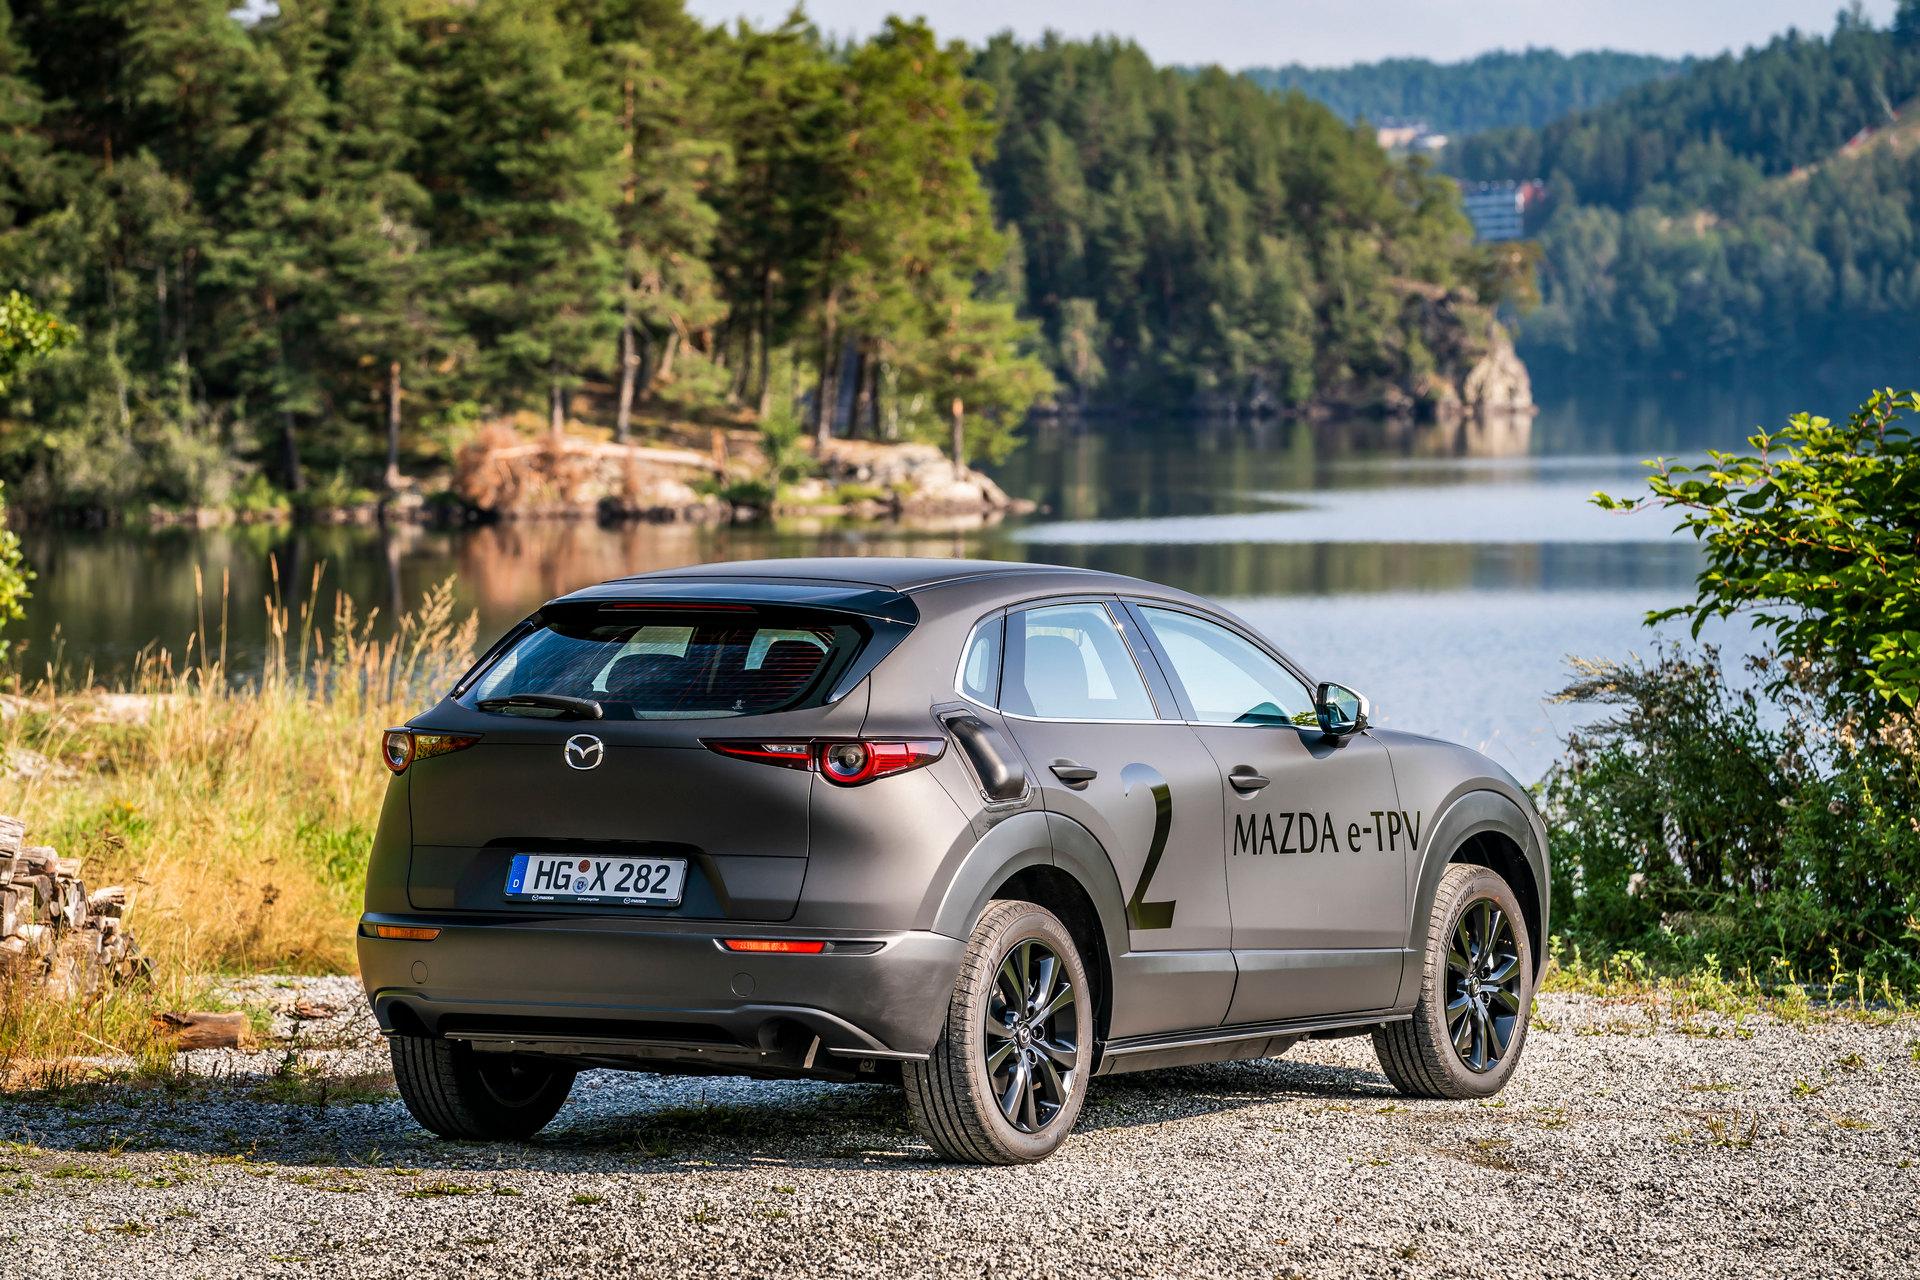 Mazda e-TPV